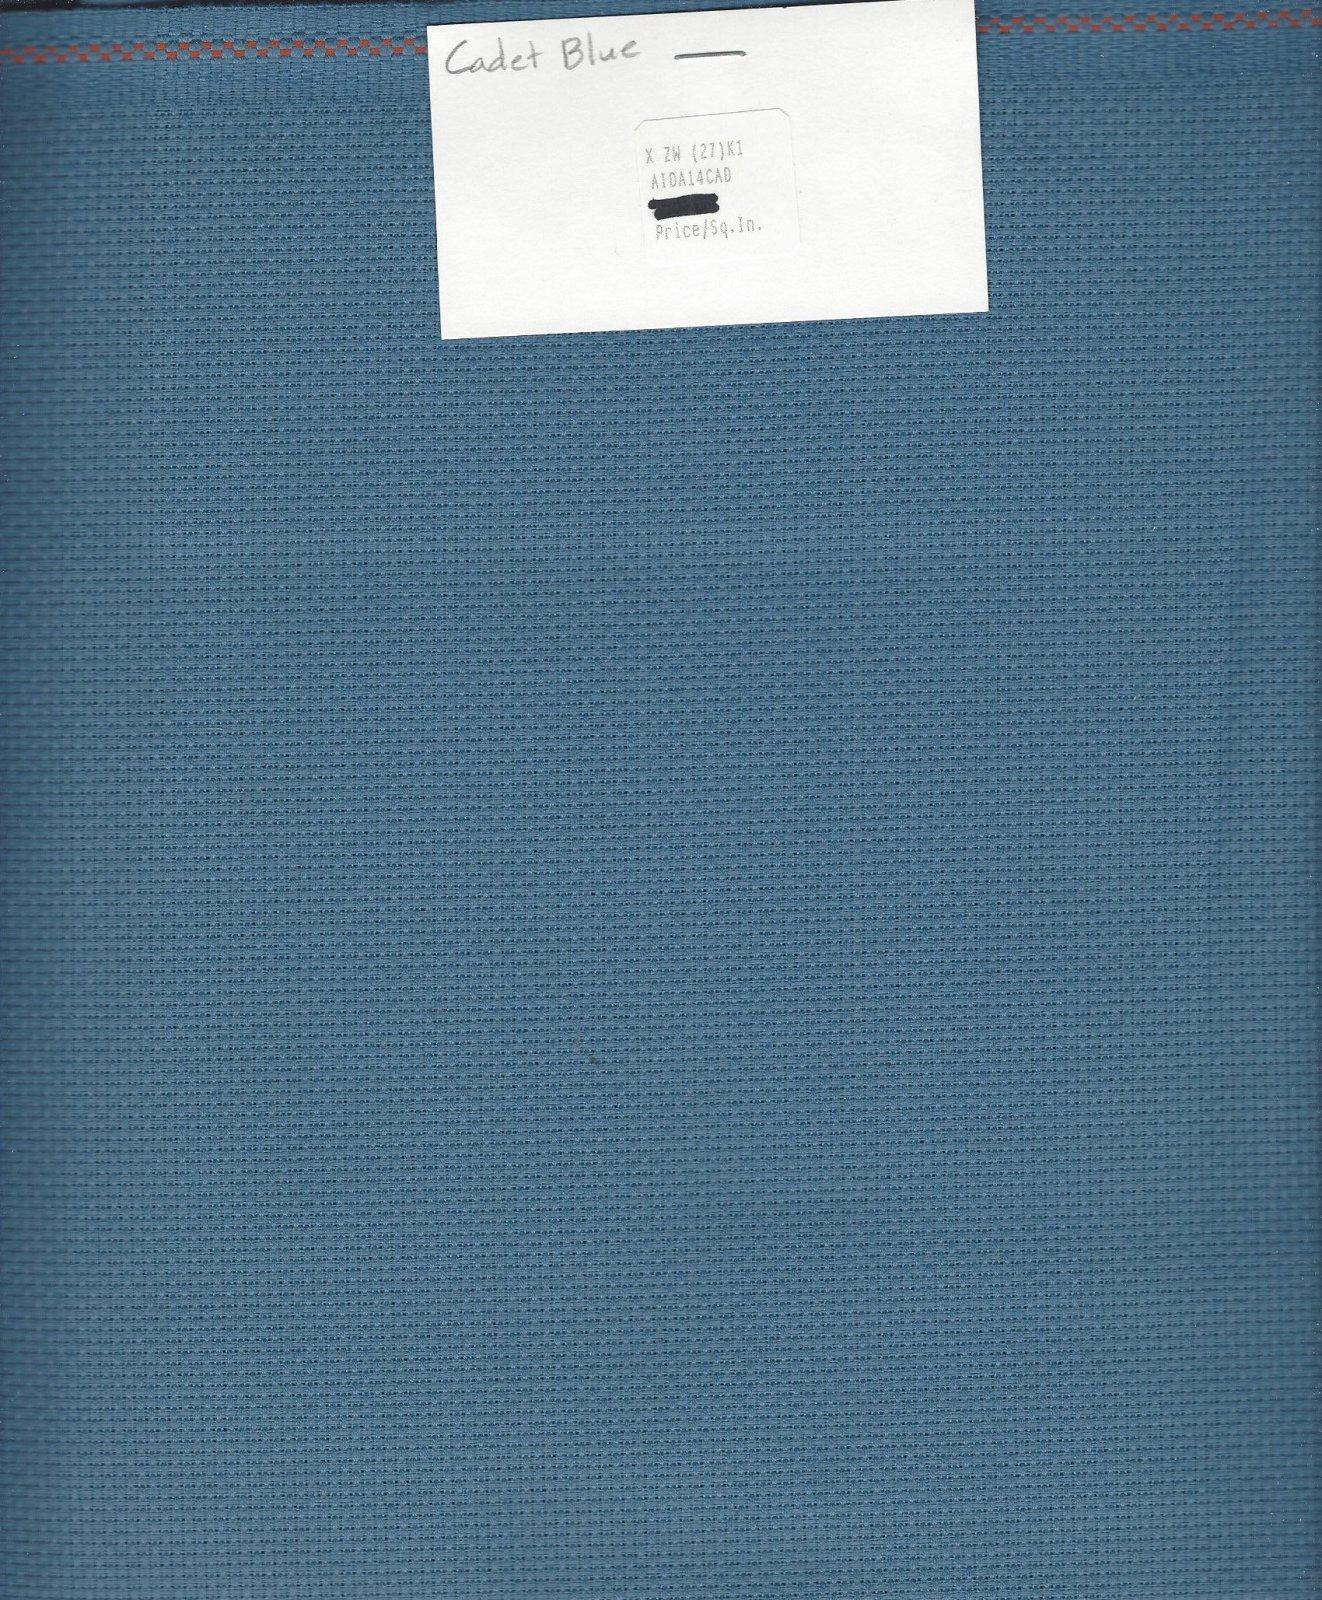 Aida 14ct Cadet Blue (discontinued color)